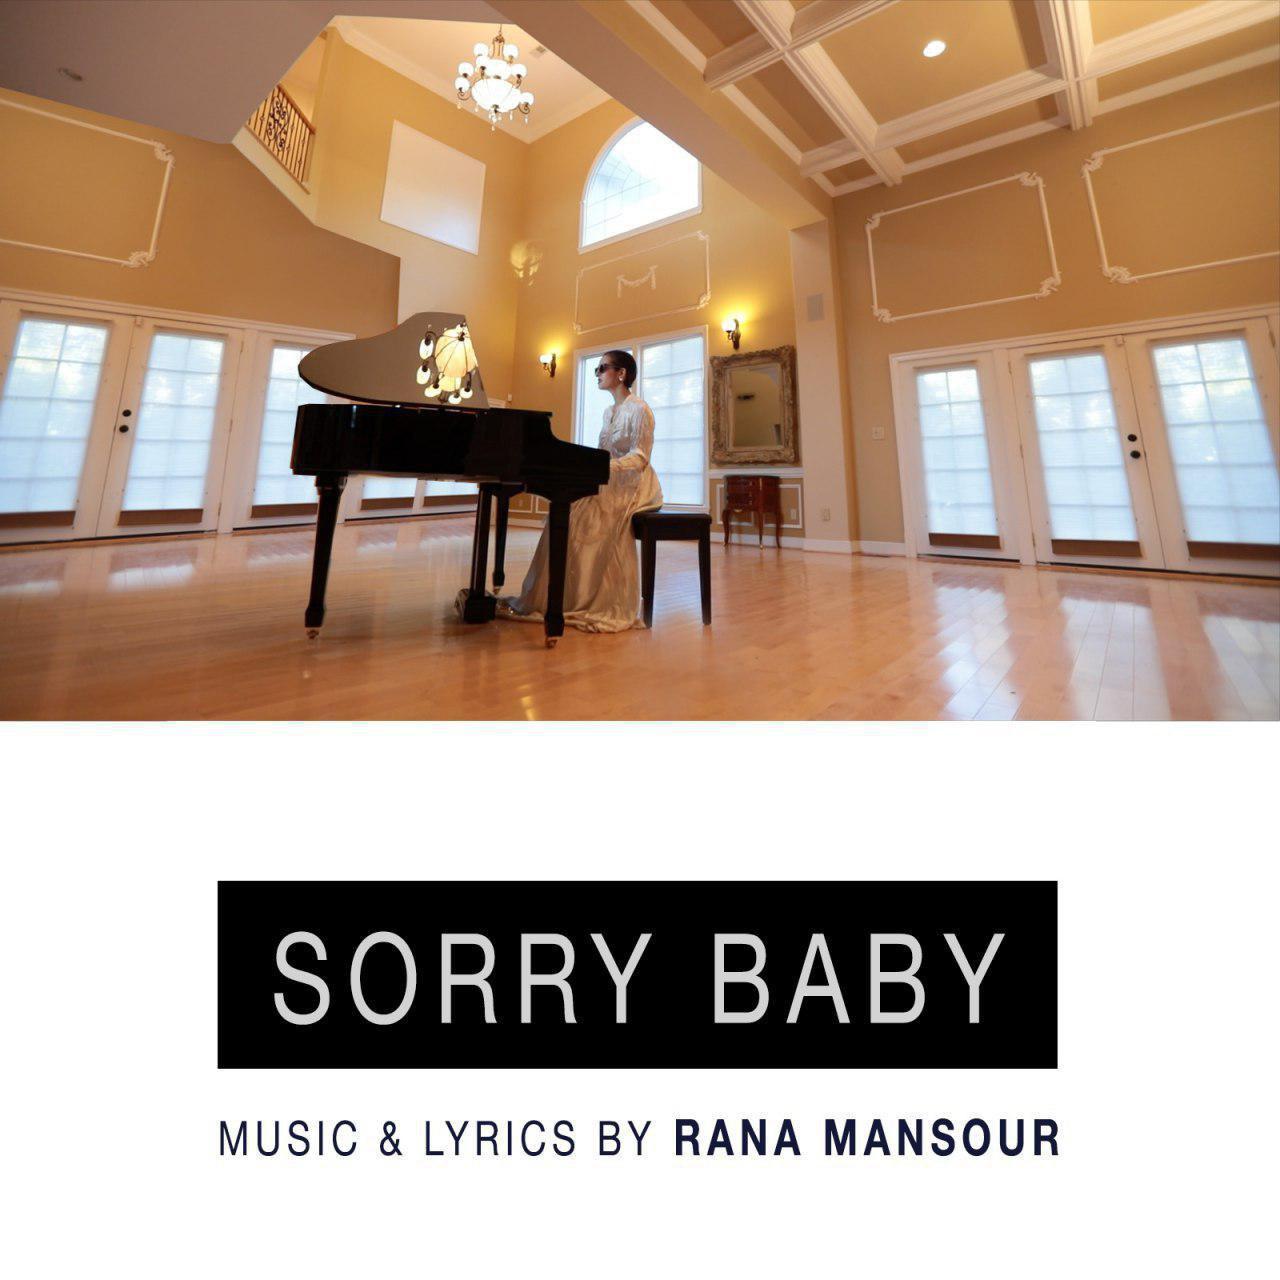 دانلود آهنگ Sorry Baby از رعنا منصور | با کیفیت 320 و 128 | با متن